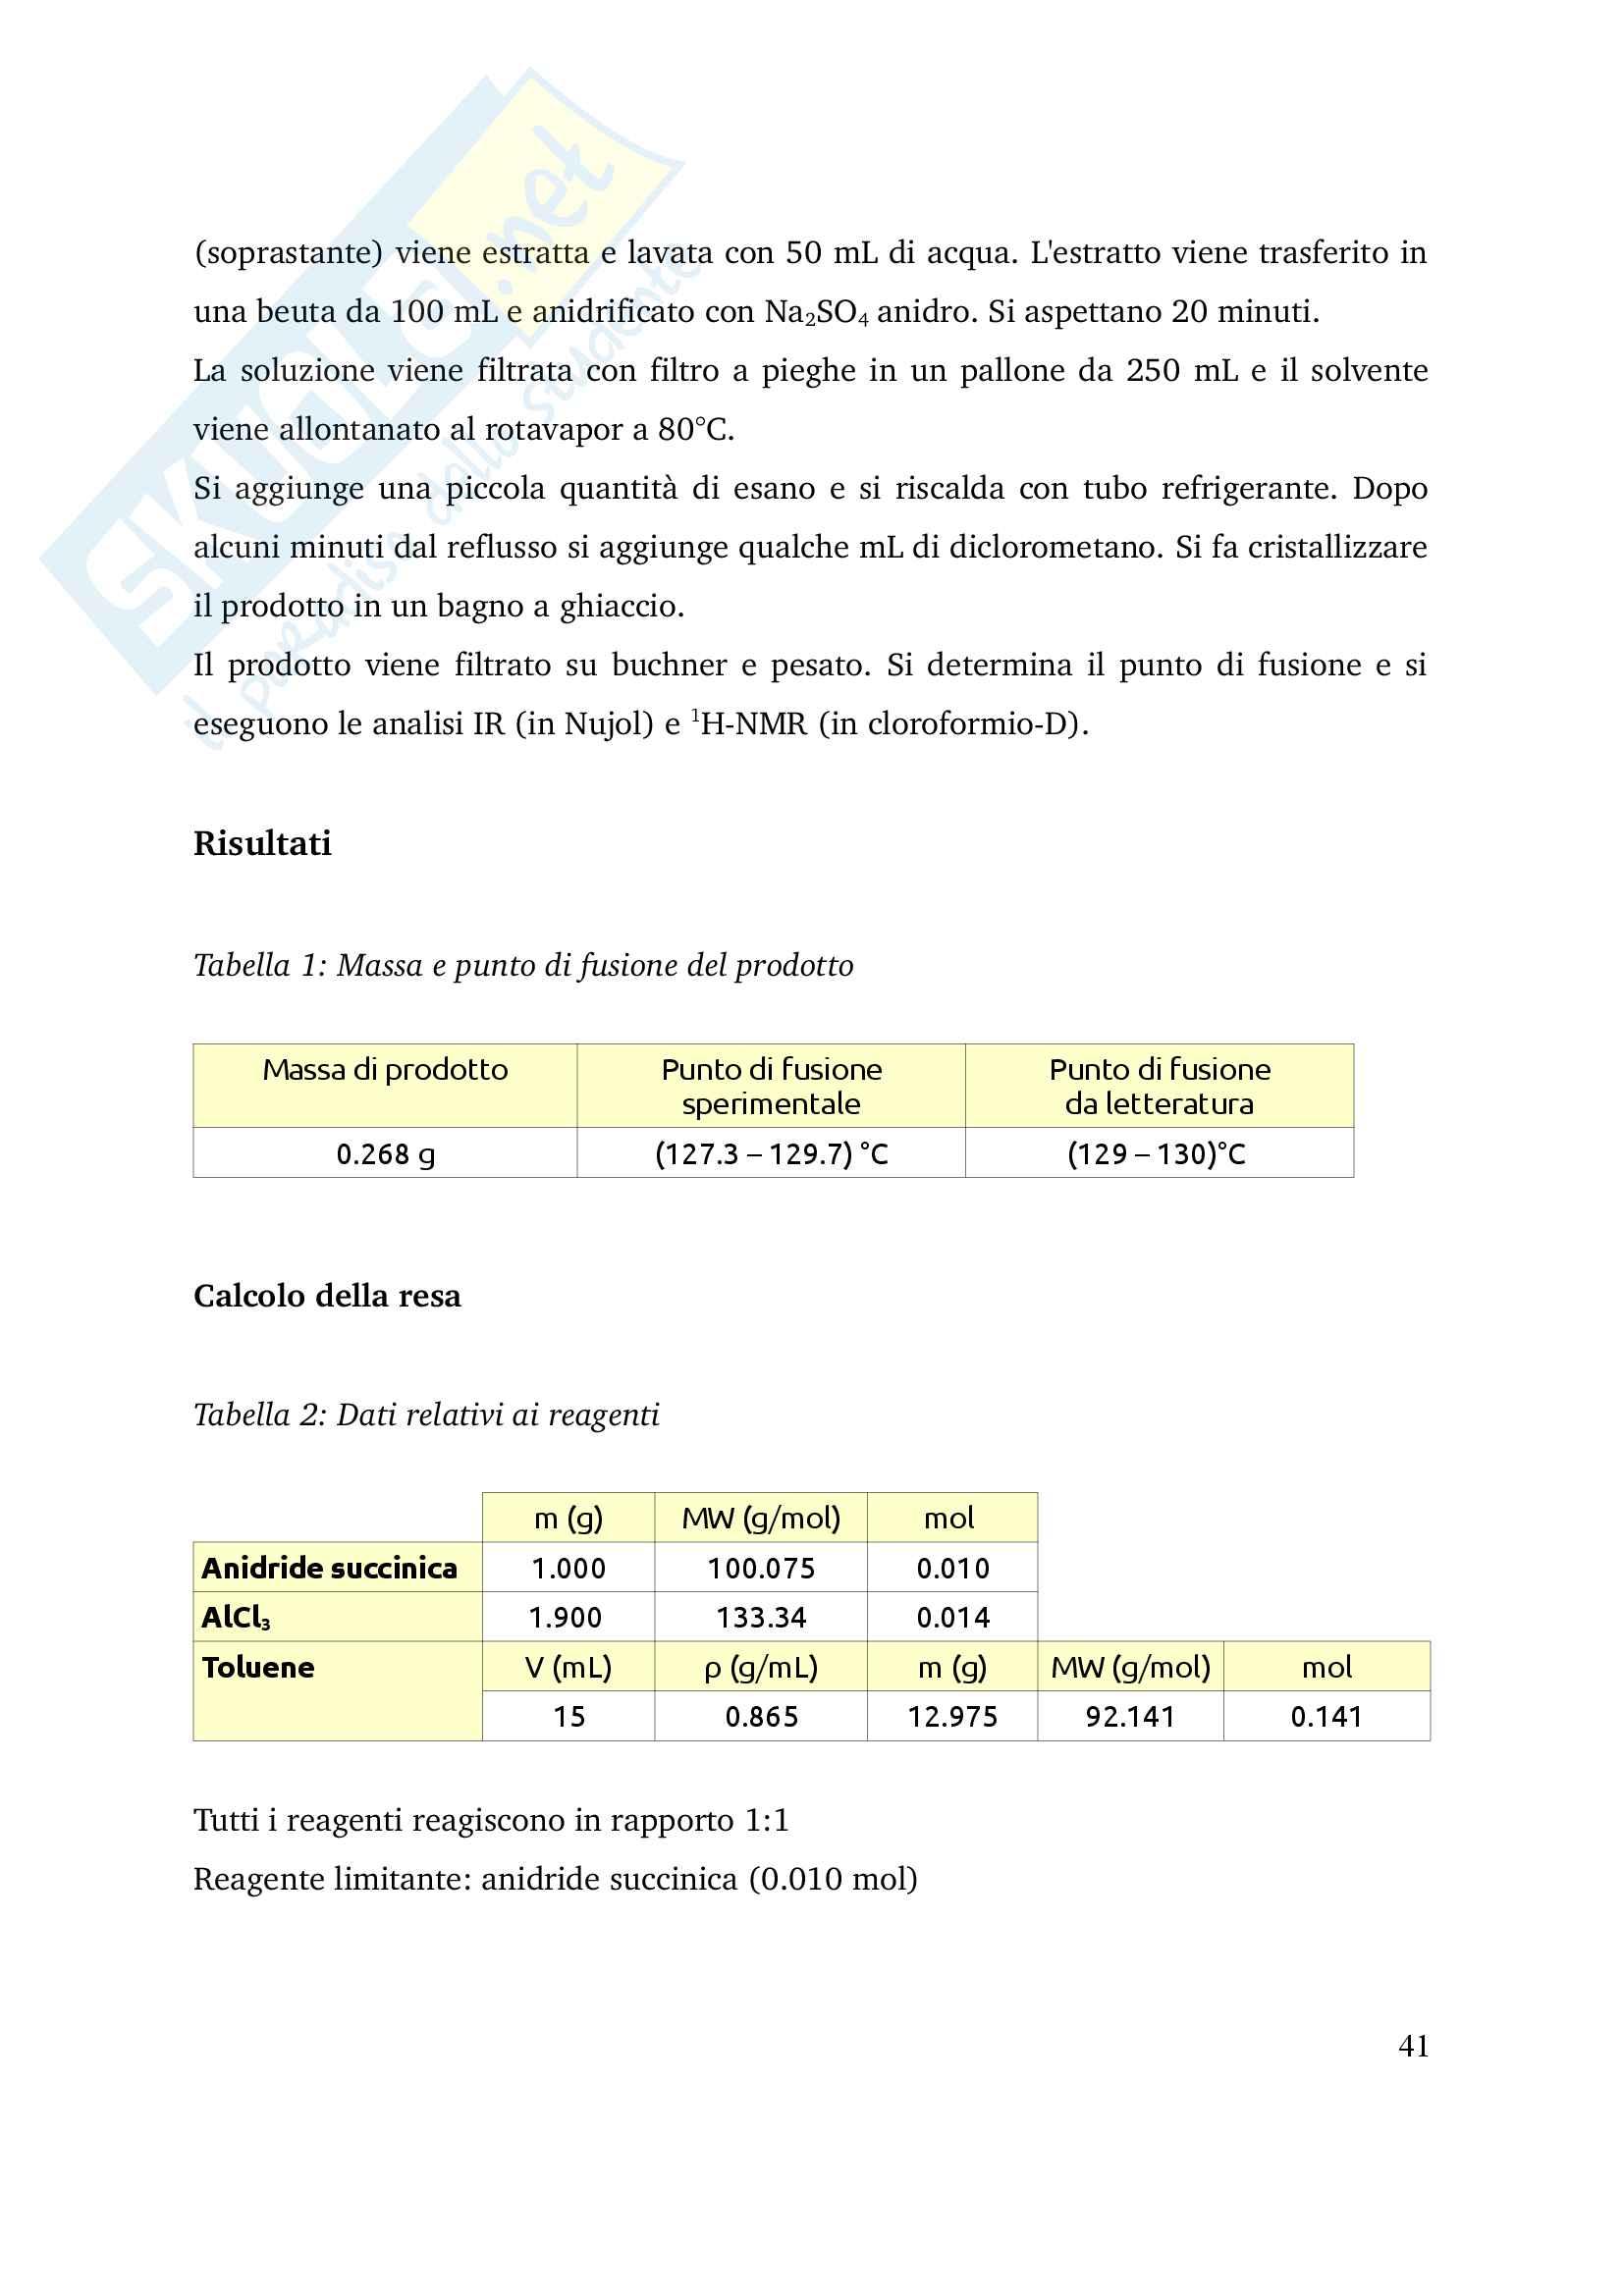 Relazioni di Chimica Organica II Pag. 41